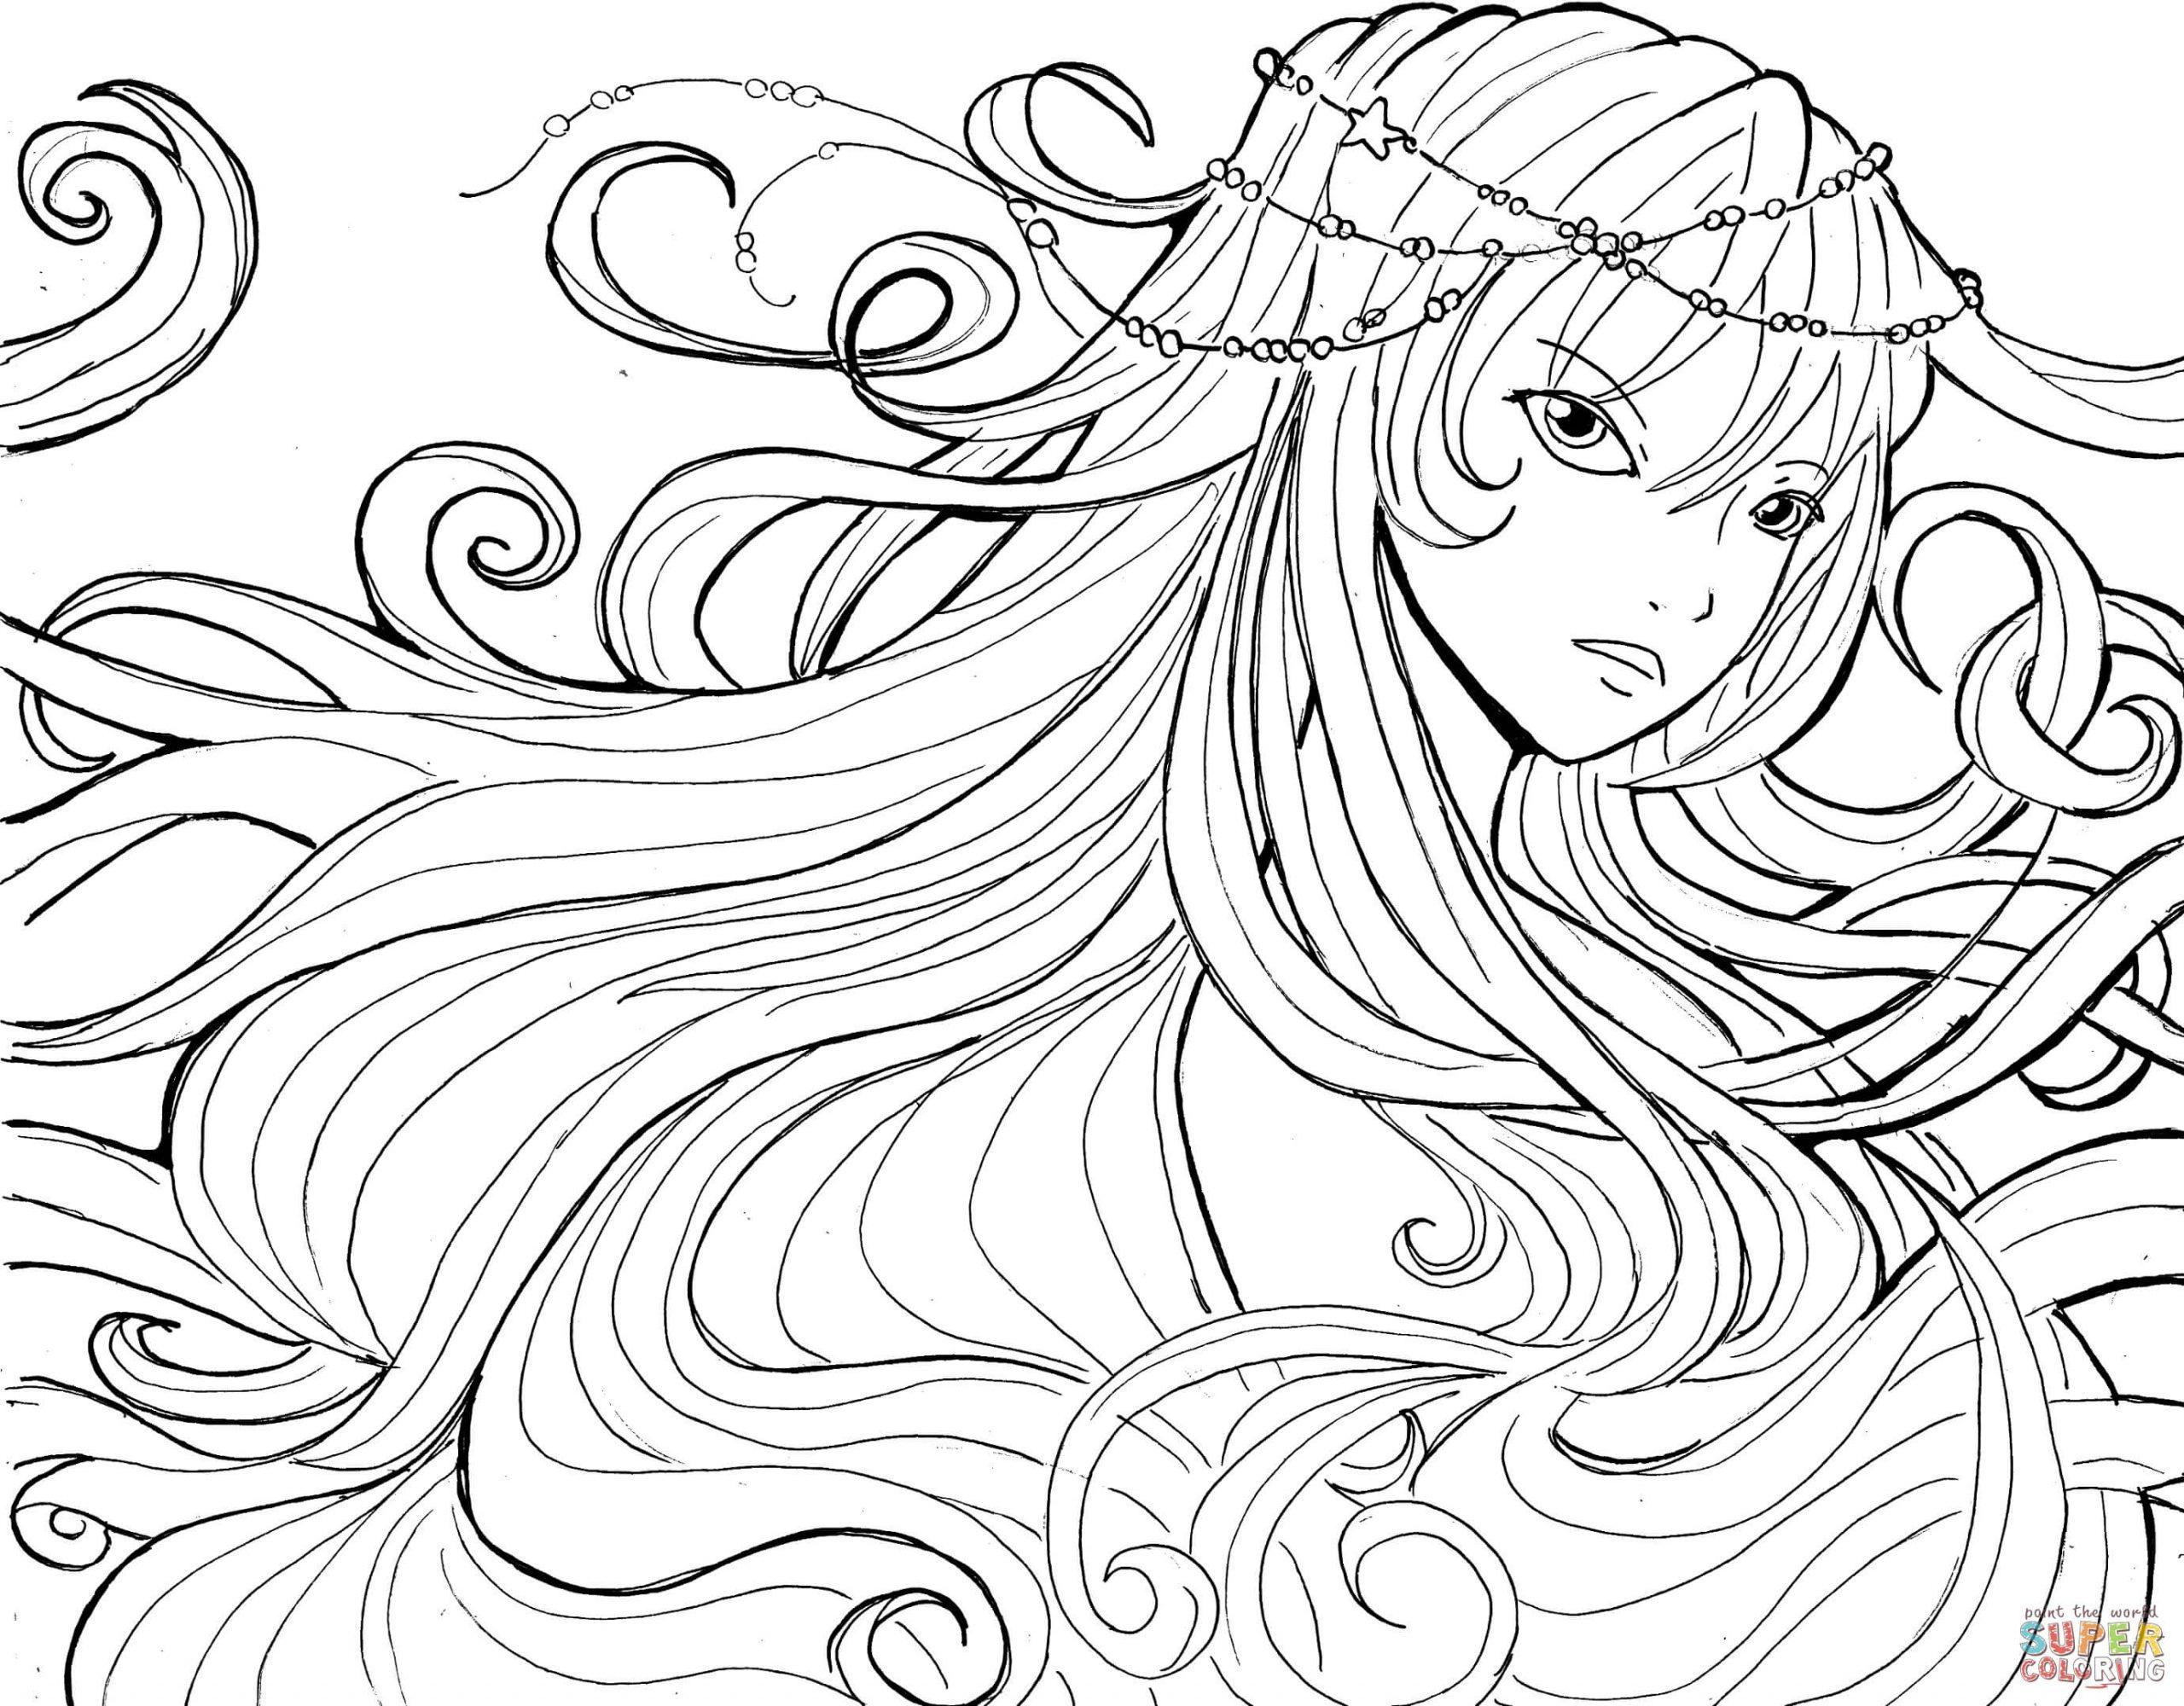 Ausmalbilder Anime Mädchen - Malvorlagen Kostenlos Zum innen Manga Bilder Zum Ausmalen